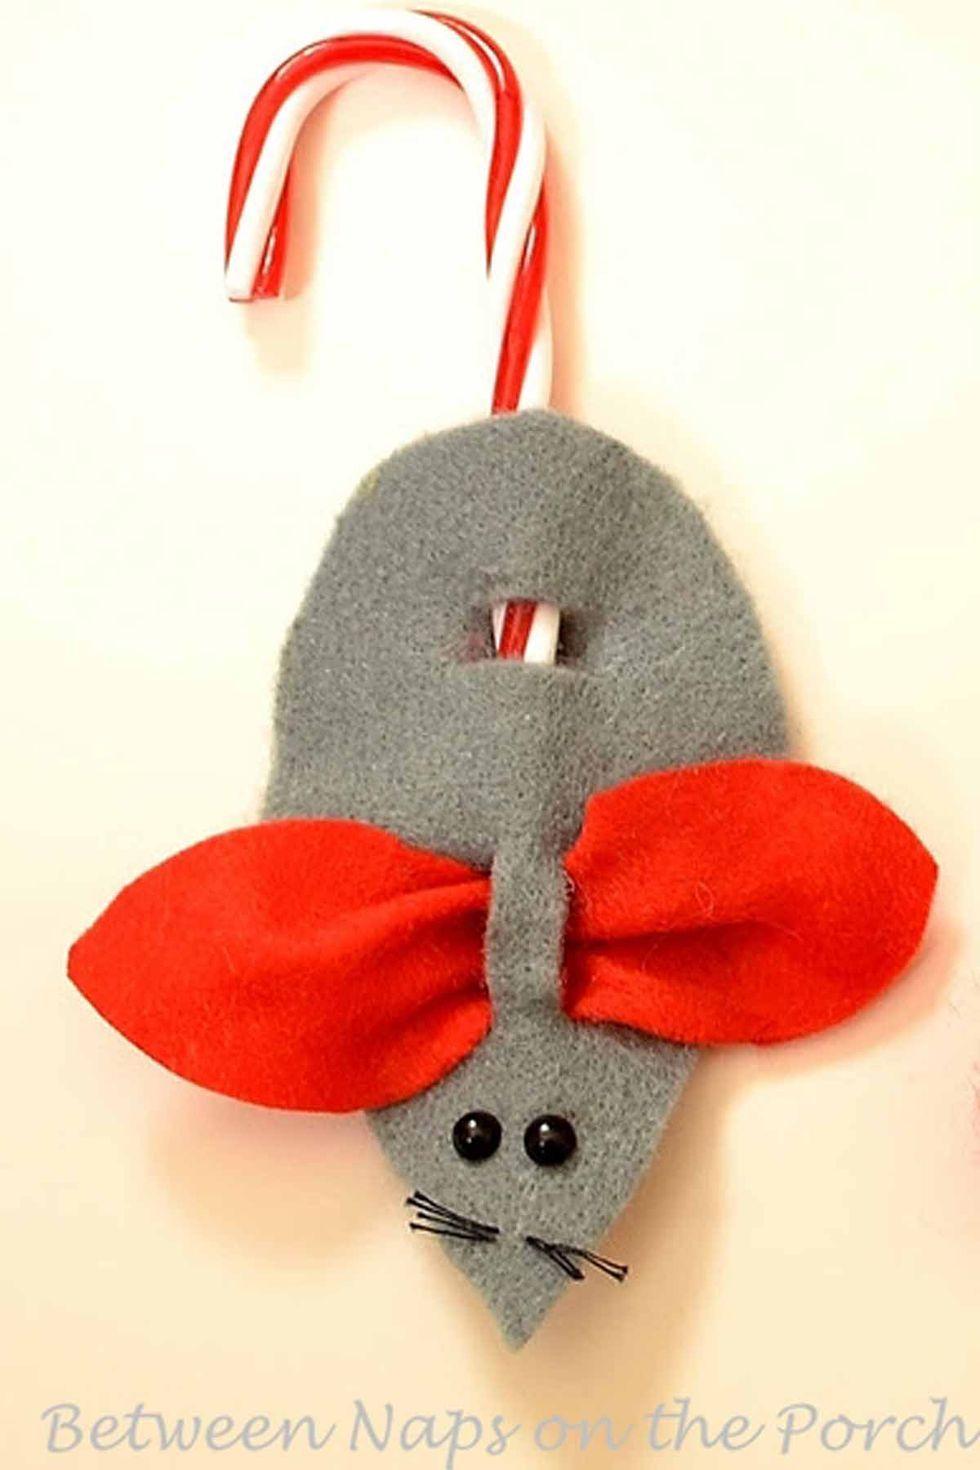 25 Candy Cane Crafts die wunderschöne Weihnachtsschmuck machen 25 Candy Cane Crafts die wunderschöne Weihnachtsschmuck machen